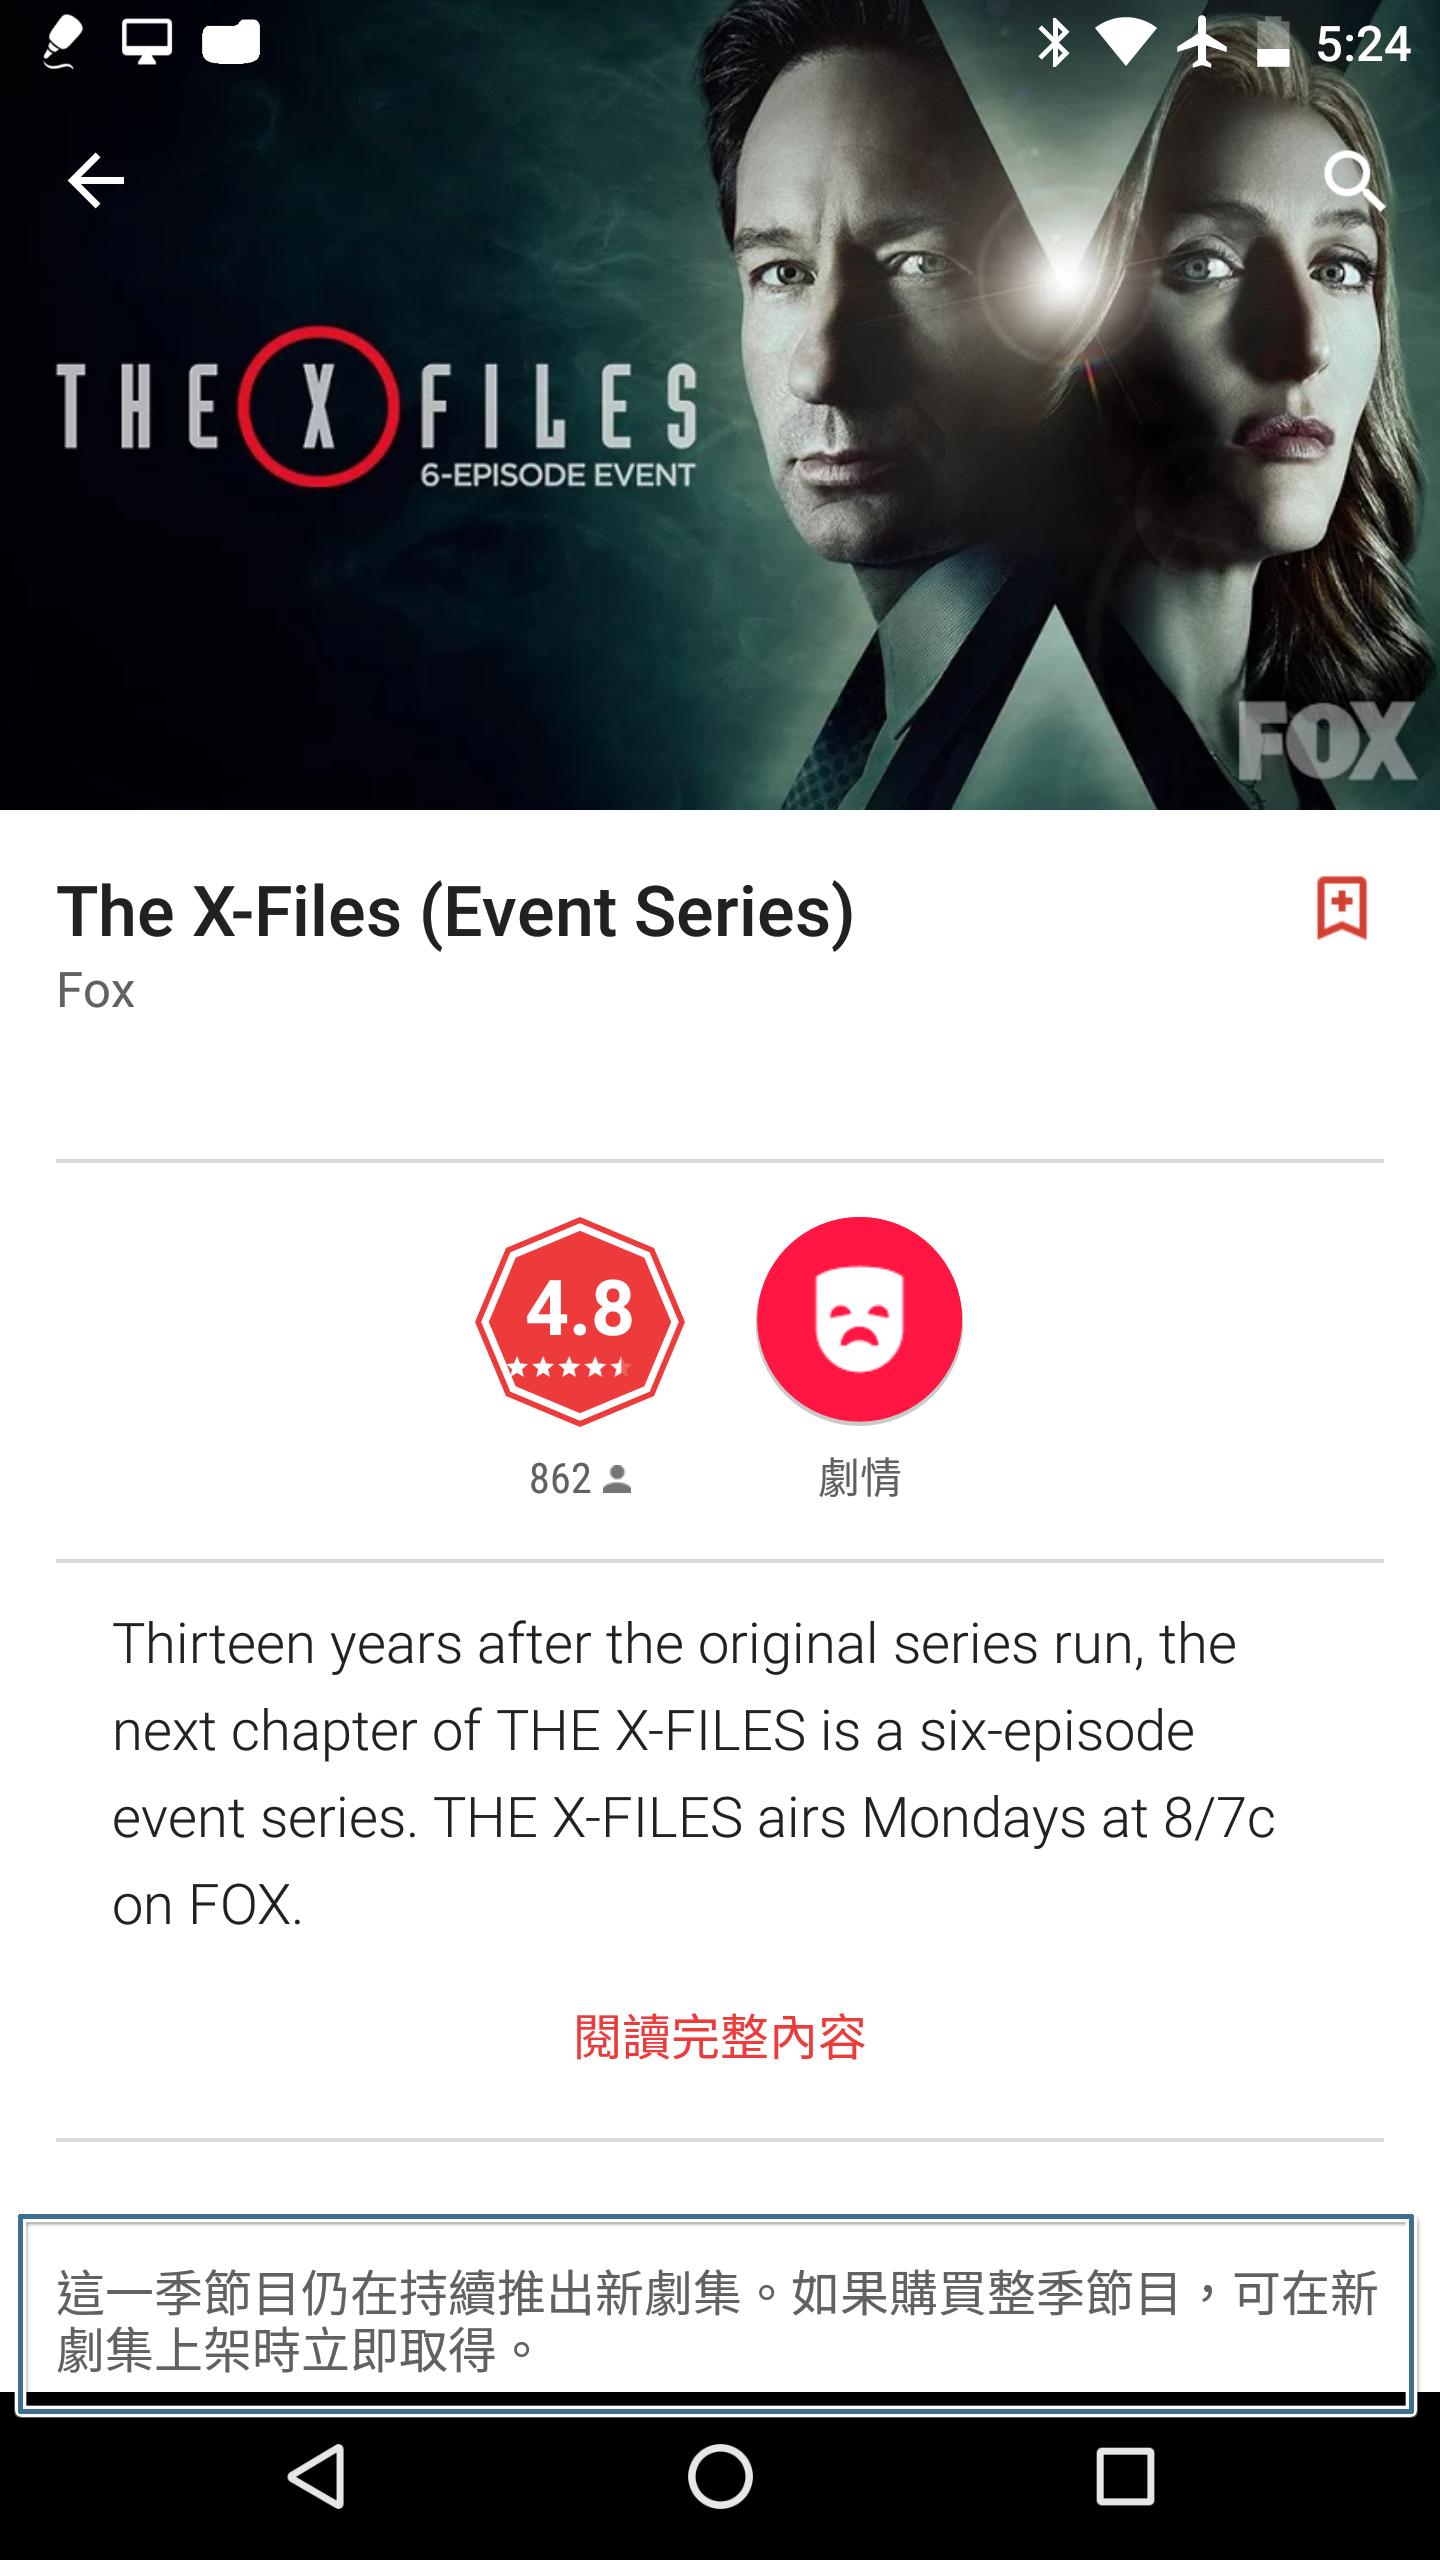 假如購買正在上映的影集,購買整季影集後,有新一集的影集就會通知你觀看